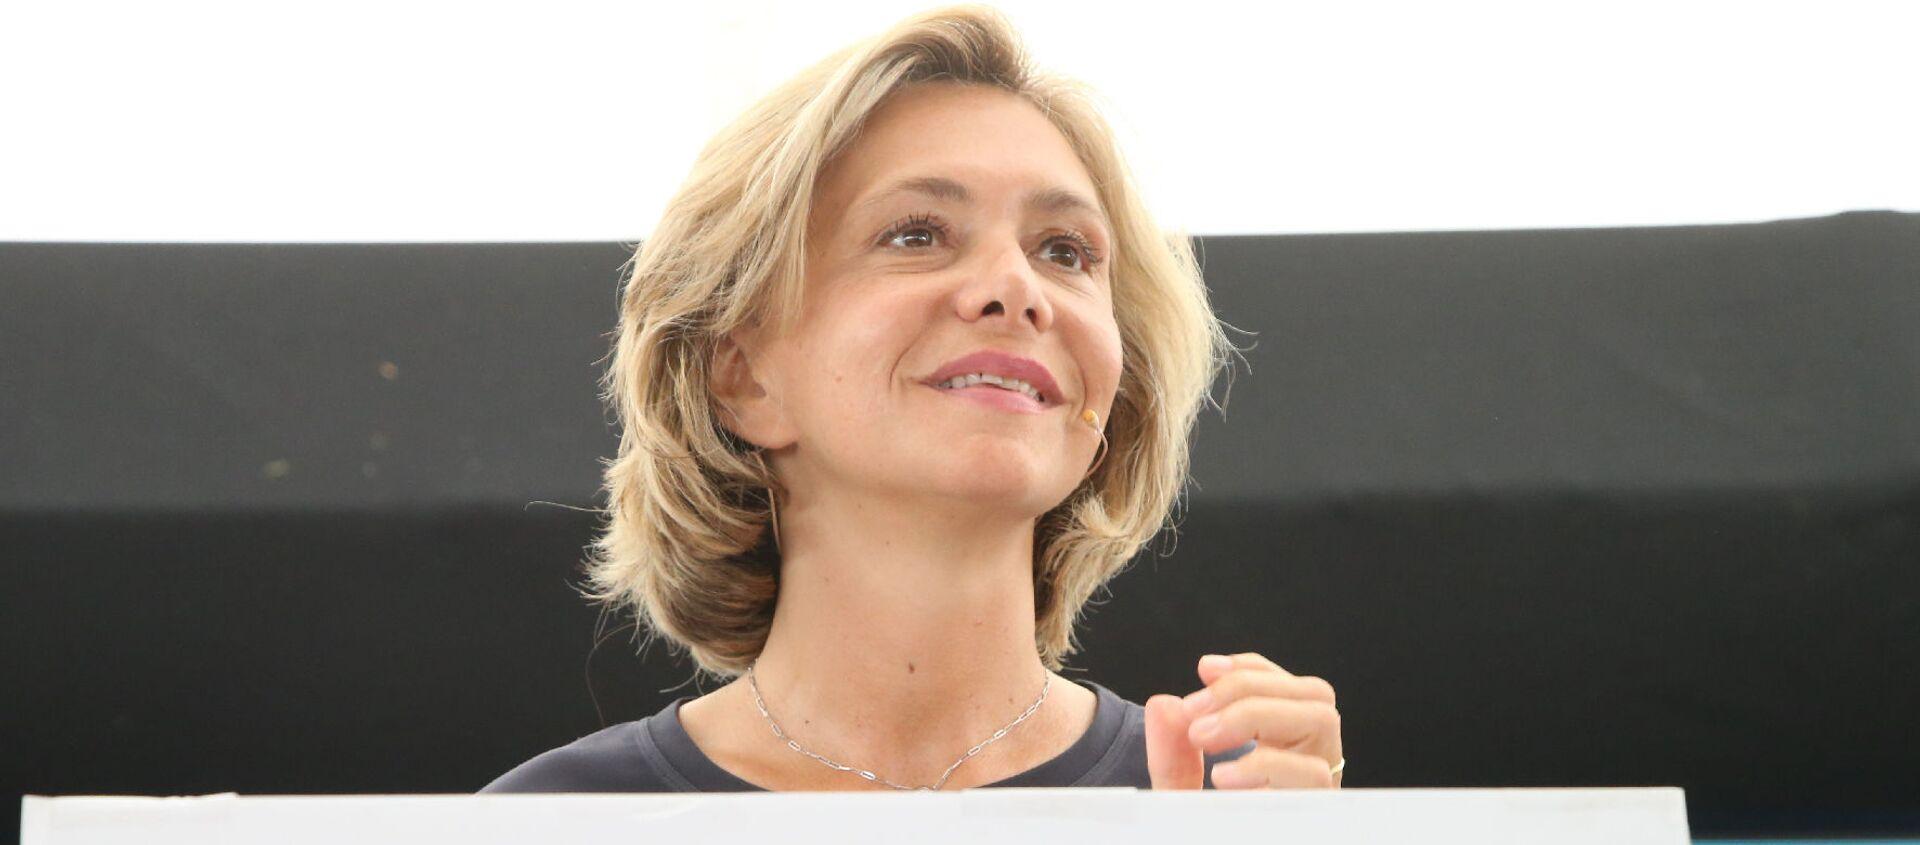 Valérie Pécresse, présidente de la région Ile-de-France, fondatrice du parti Libres! - Sputnik France, 1920, 22.07.2021